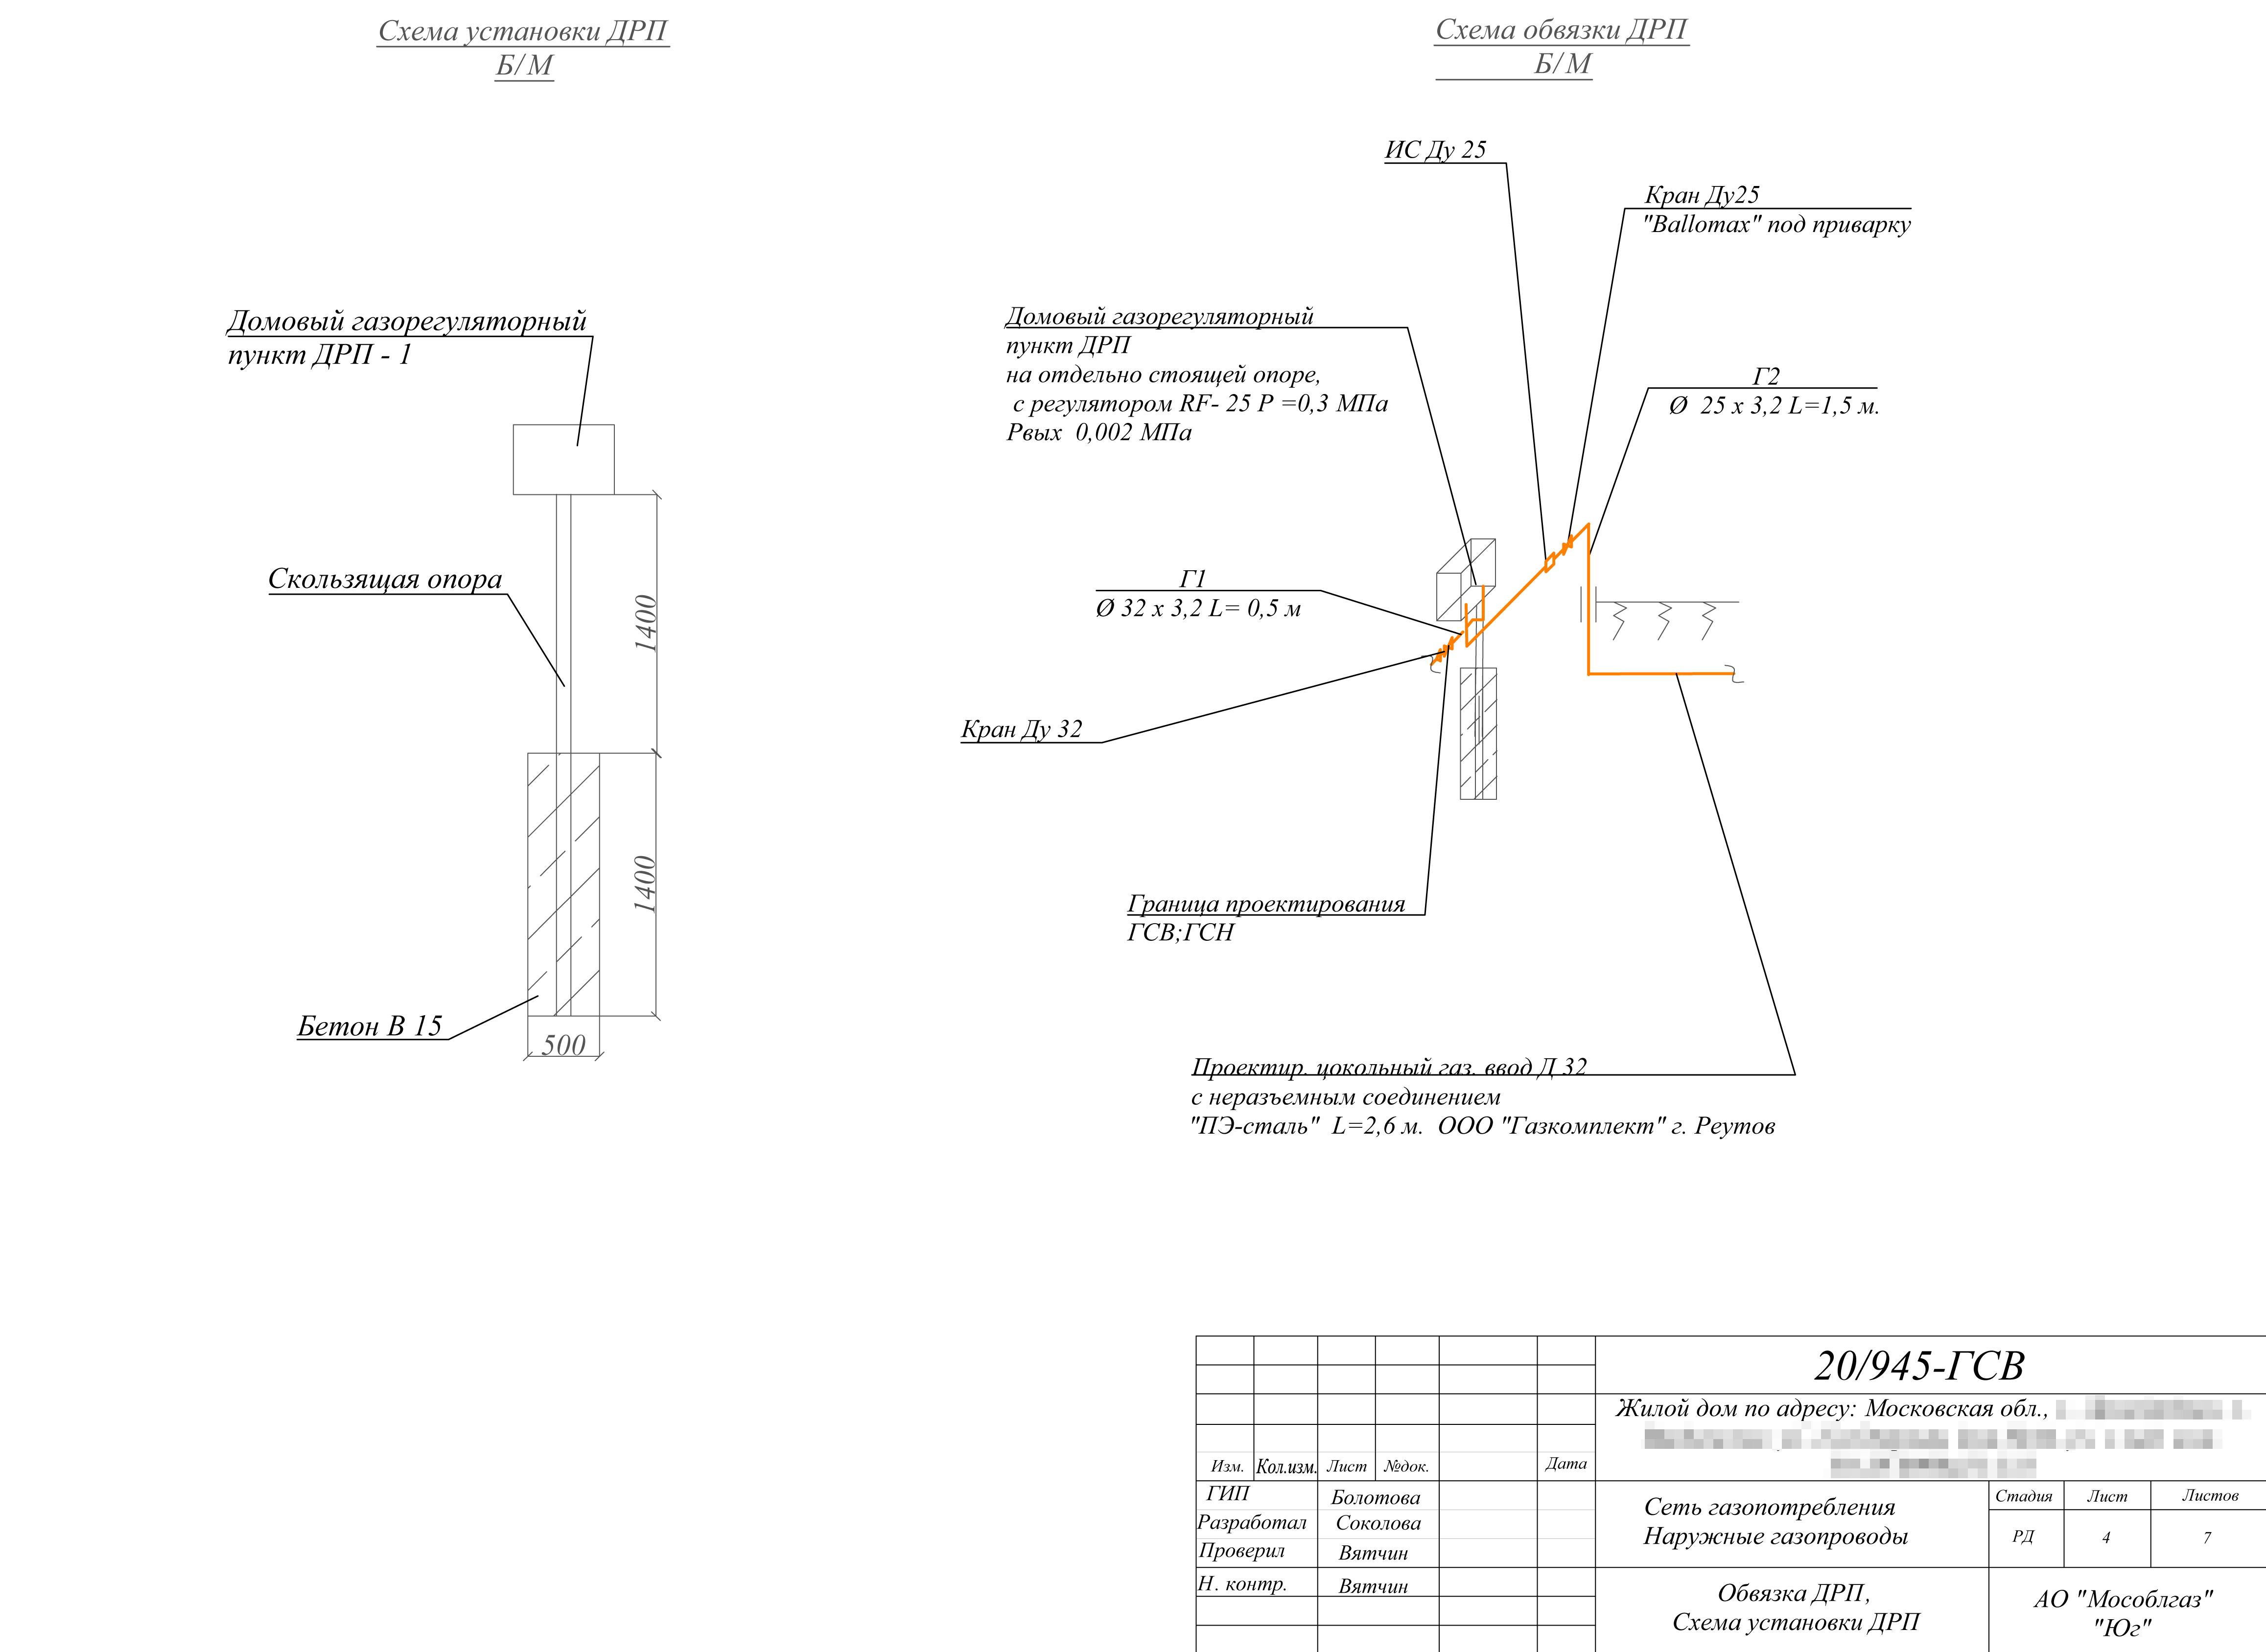 Схема расположения и установки газорегуляторного пункта — желтый ящик рядом с домом, в котором меняется давление газа с высокого или среднего на низкое